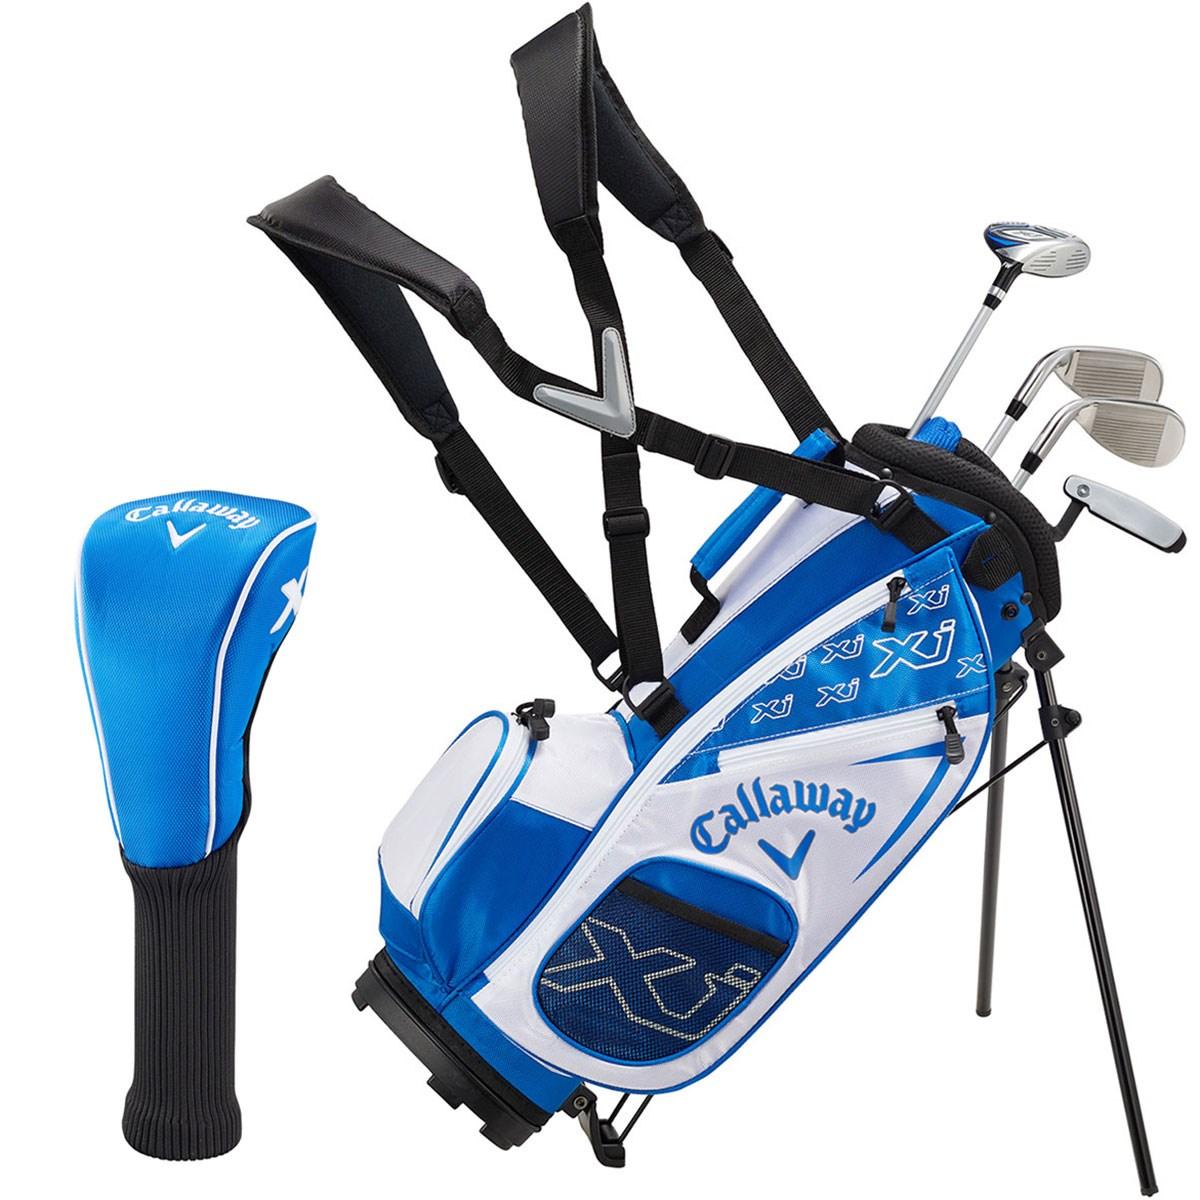 キャロウェイゴルフ(Callaway Golf) XJ-1 クラブセット(4本セット)100-120cmサイズジュニア